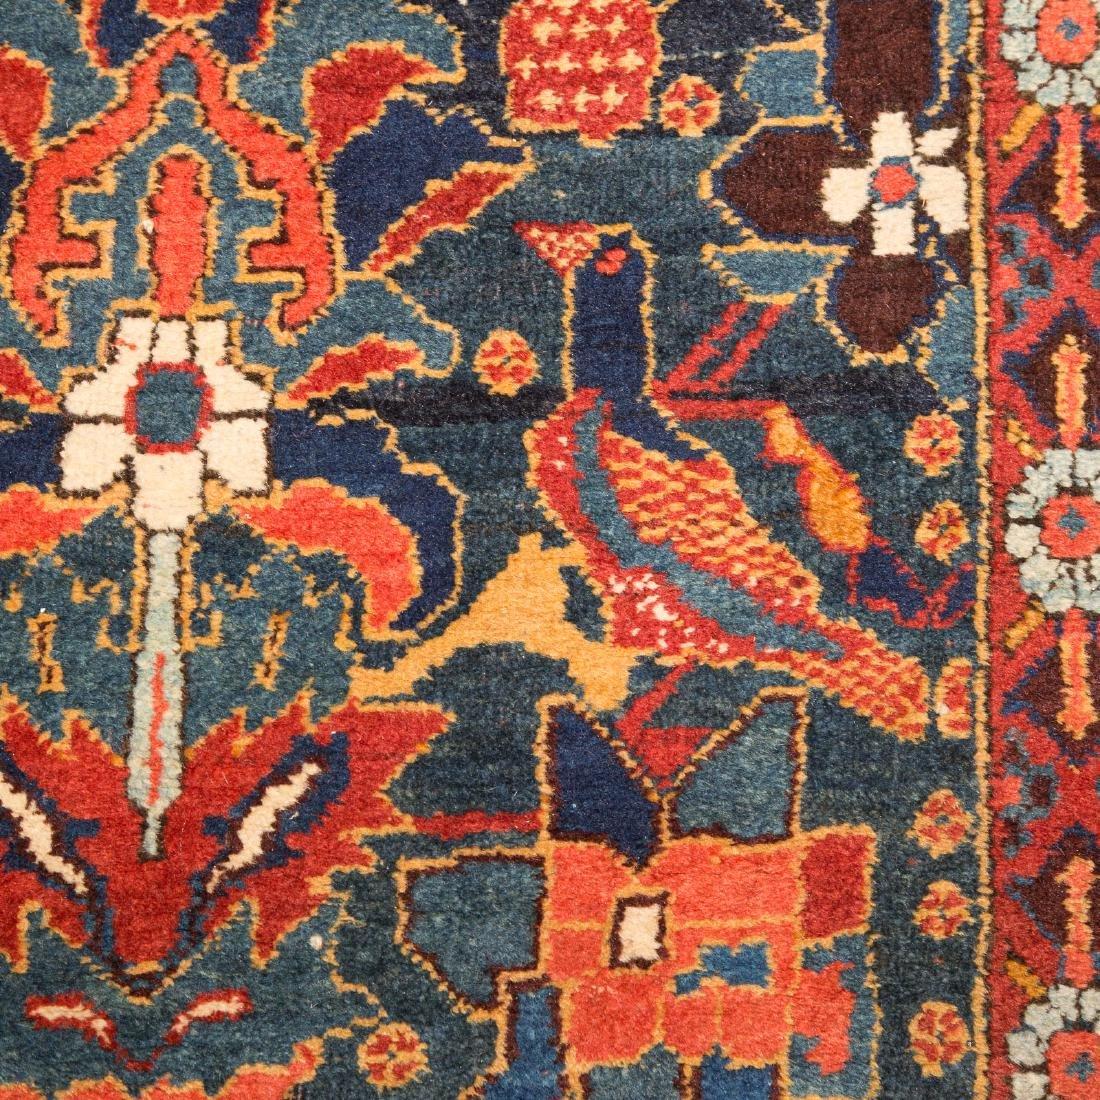 Antique Kashkai runner, approx. 3.10 x 12.4 - 4